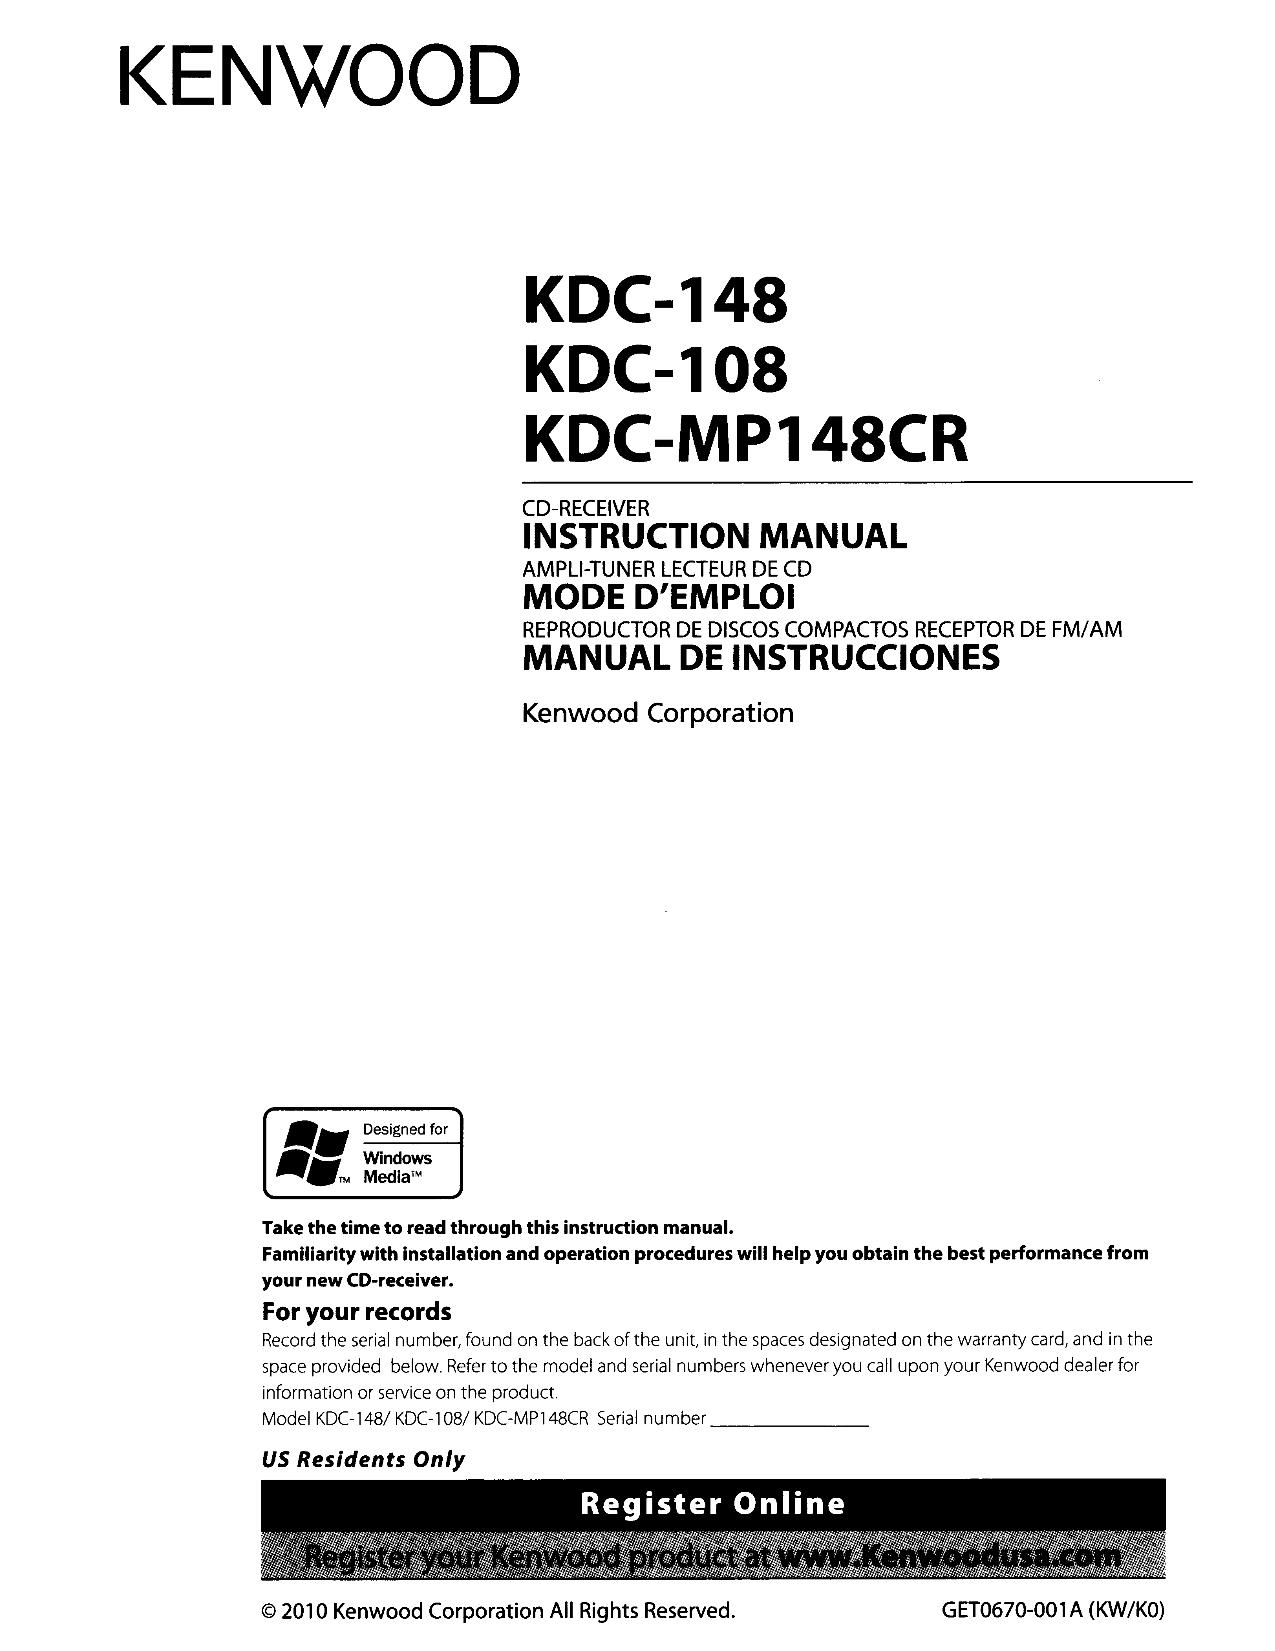 113KDC148.PDF 0 download free pdf for kenwood kdc 148 car receiver manual kenwood kdc x895 wiring diagram at eliteediting.co